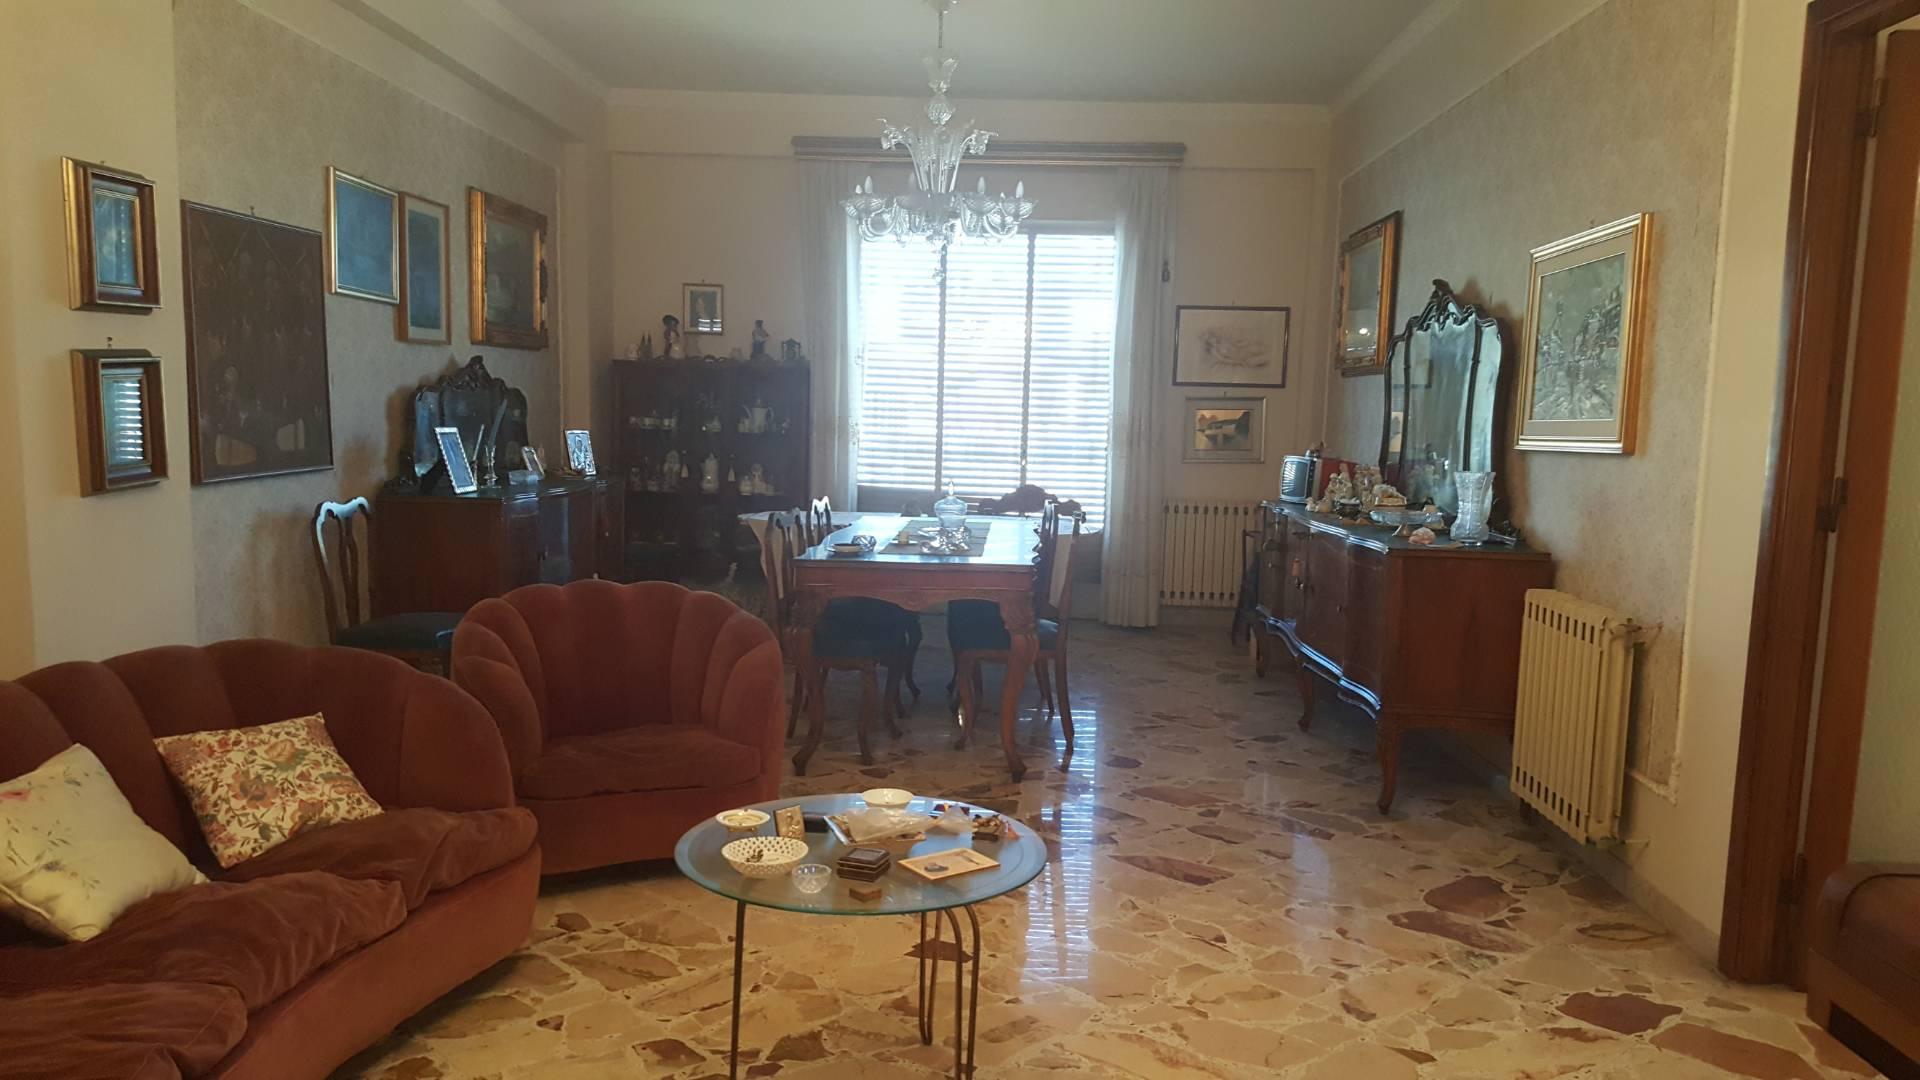 Attico / Mansarda in vendita a Sciacca, 8 locali, zona Località: CentroStorico, prezzo € 200.000 | PortaleAgenzieImmobiliari.it